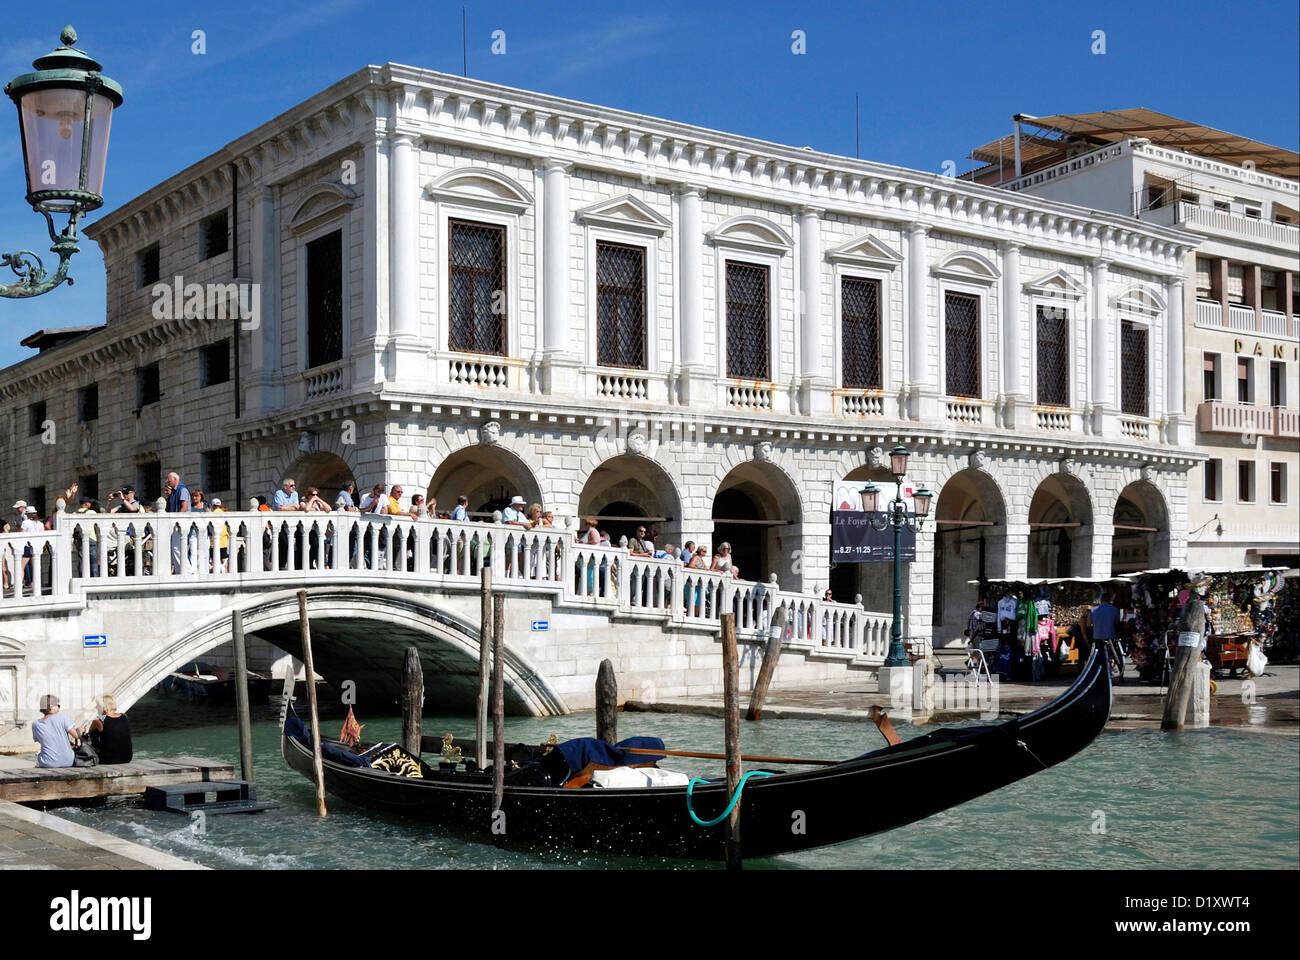 Straw bridge Ponte della Paglia in Venice. - Stock Image